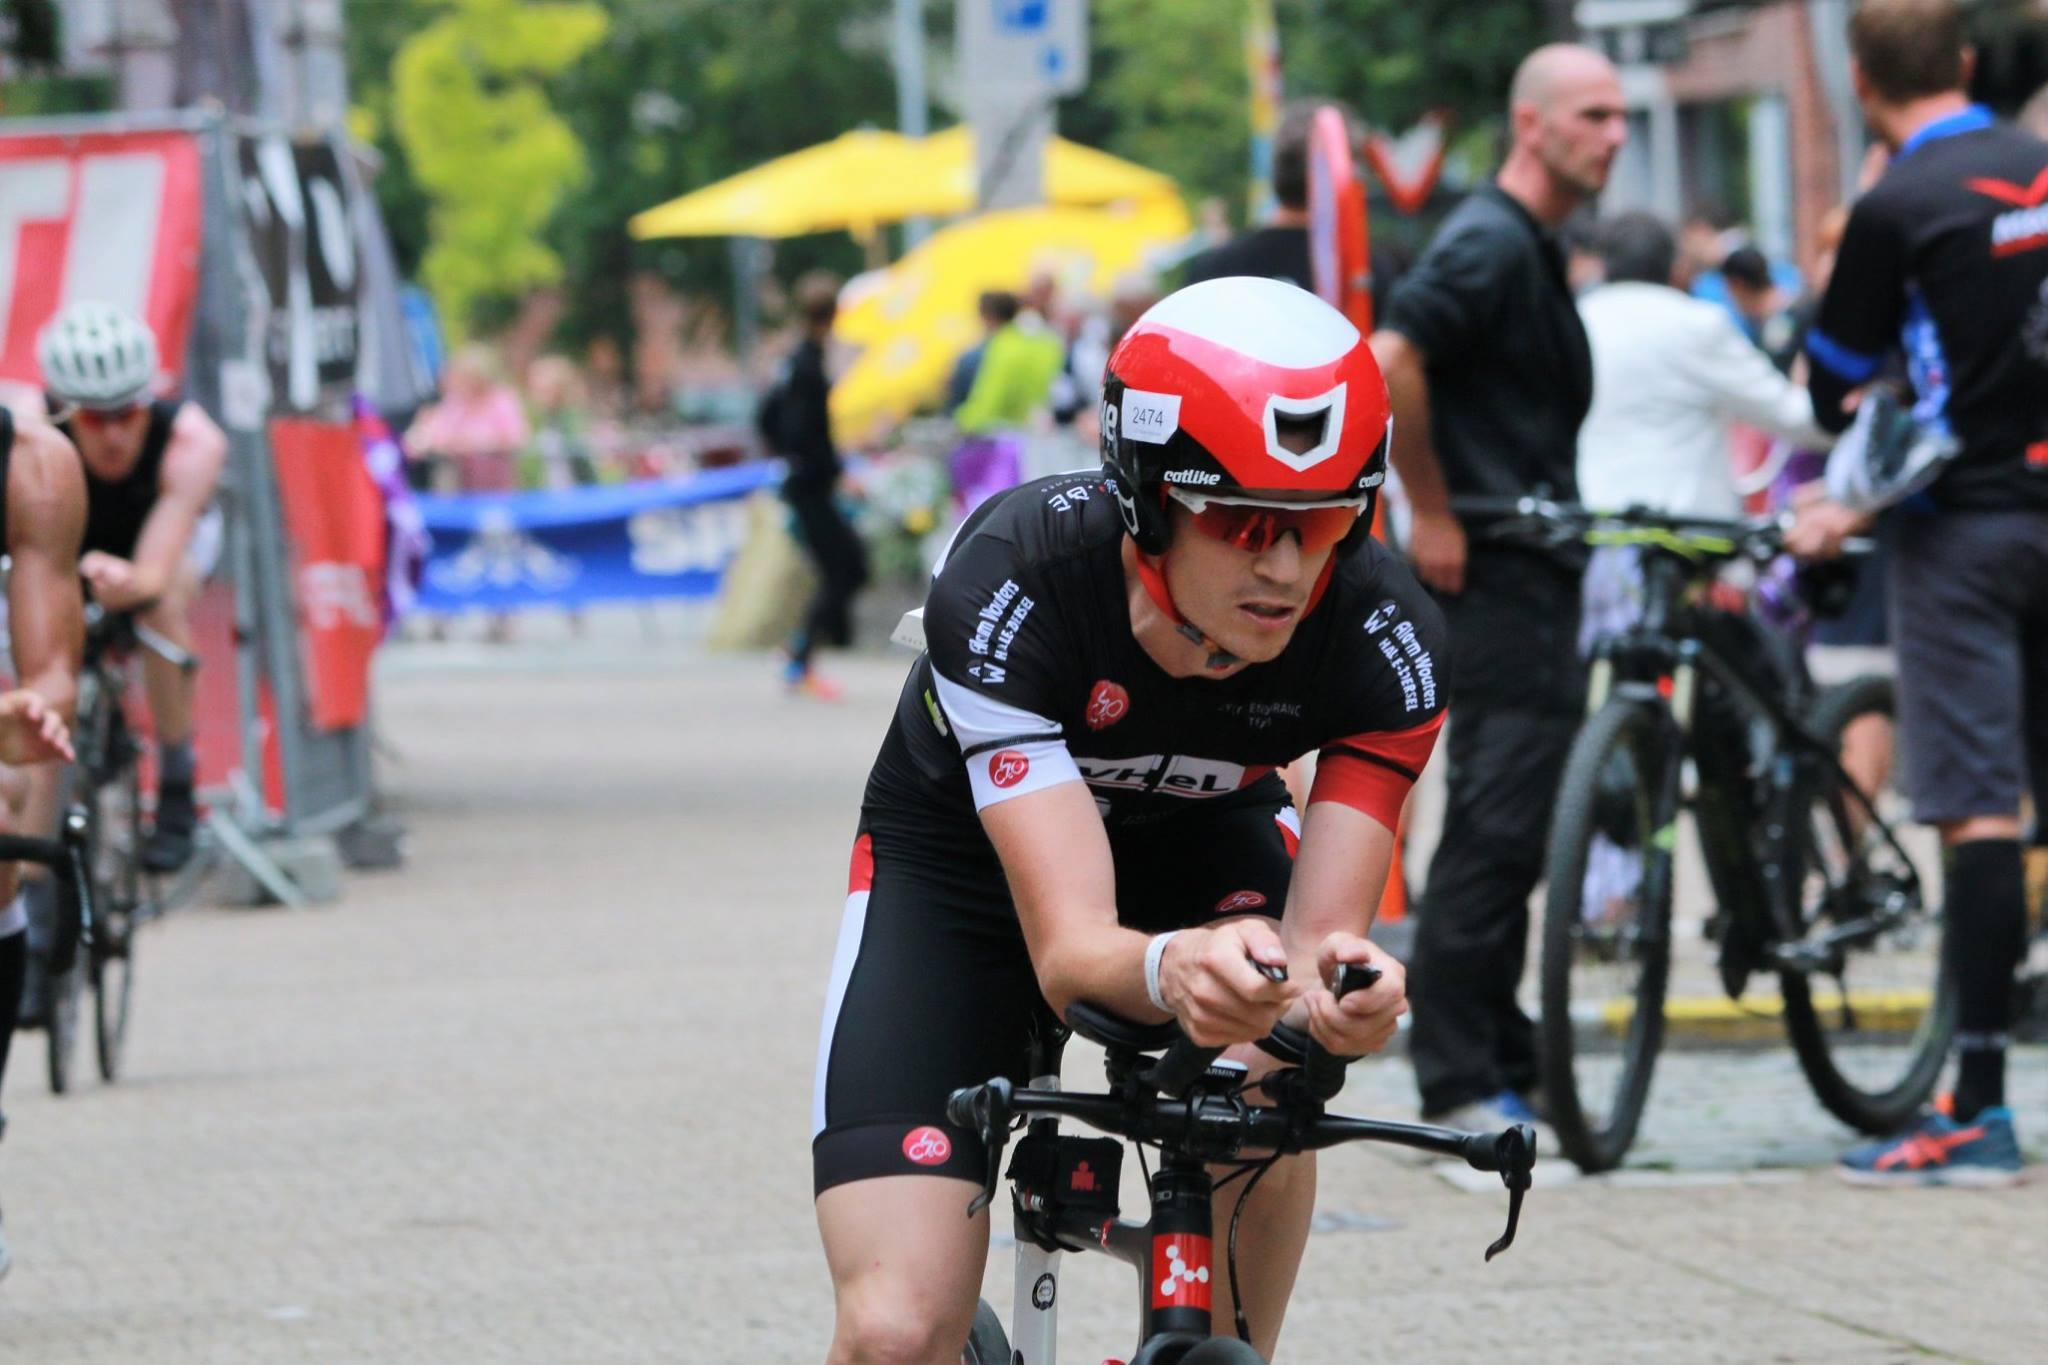 Wouter Wuilmus Aarschot 2017 bike Chris Hofkens